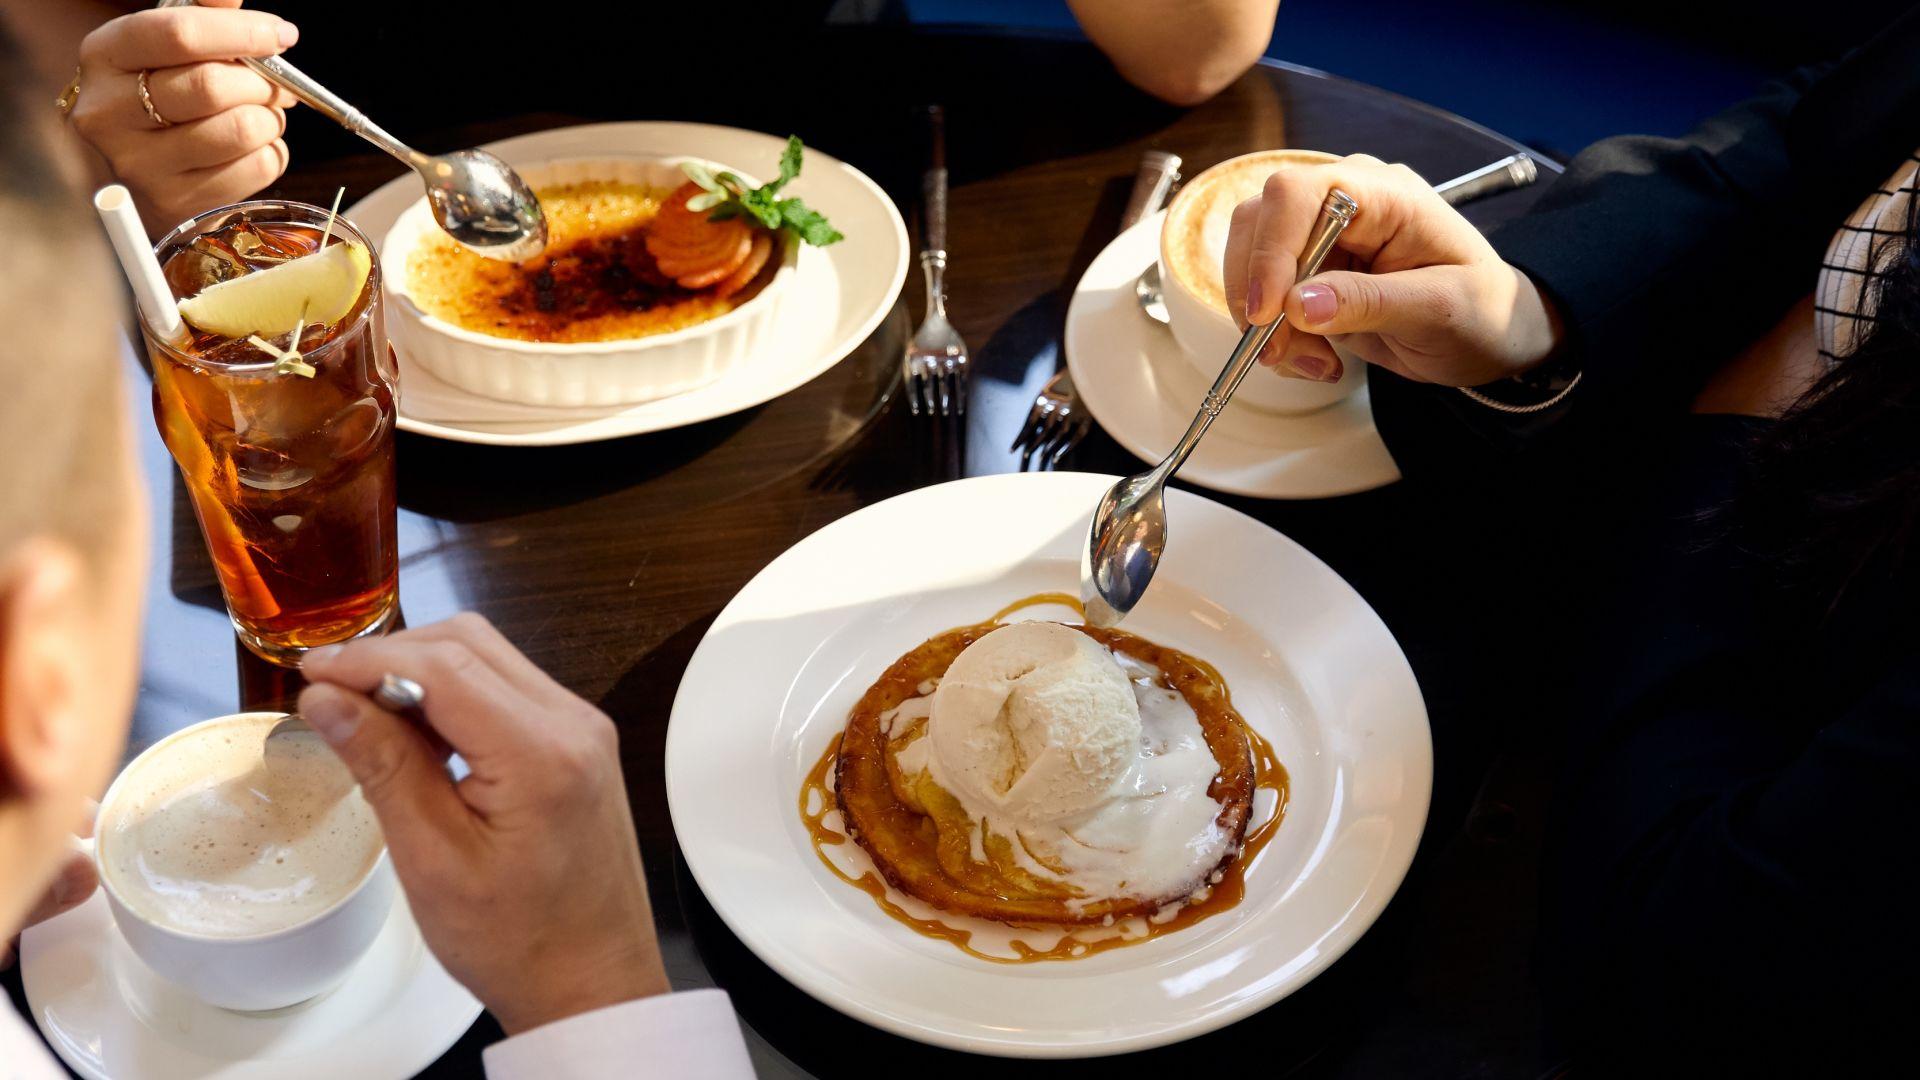 Una mujer sentada a una mesa con un plato de comida